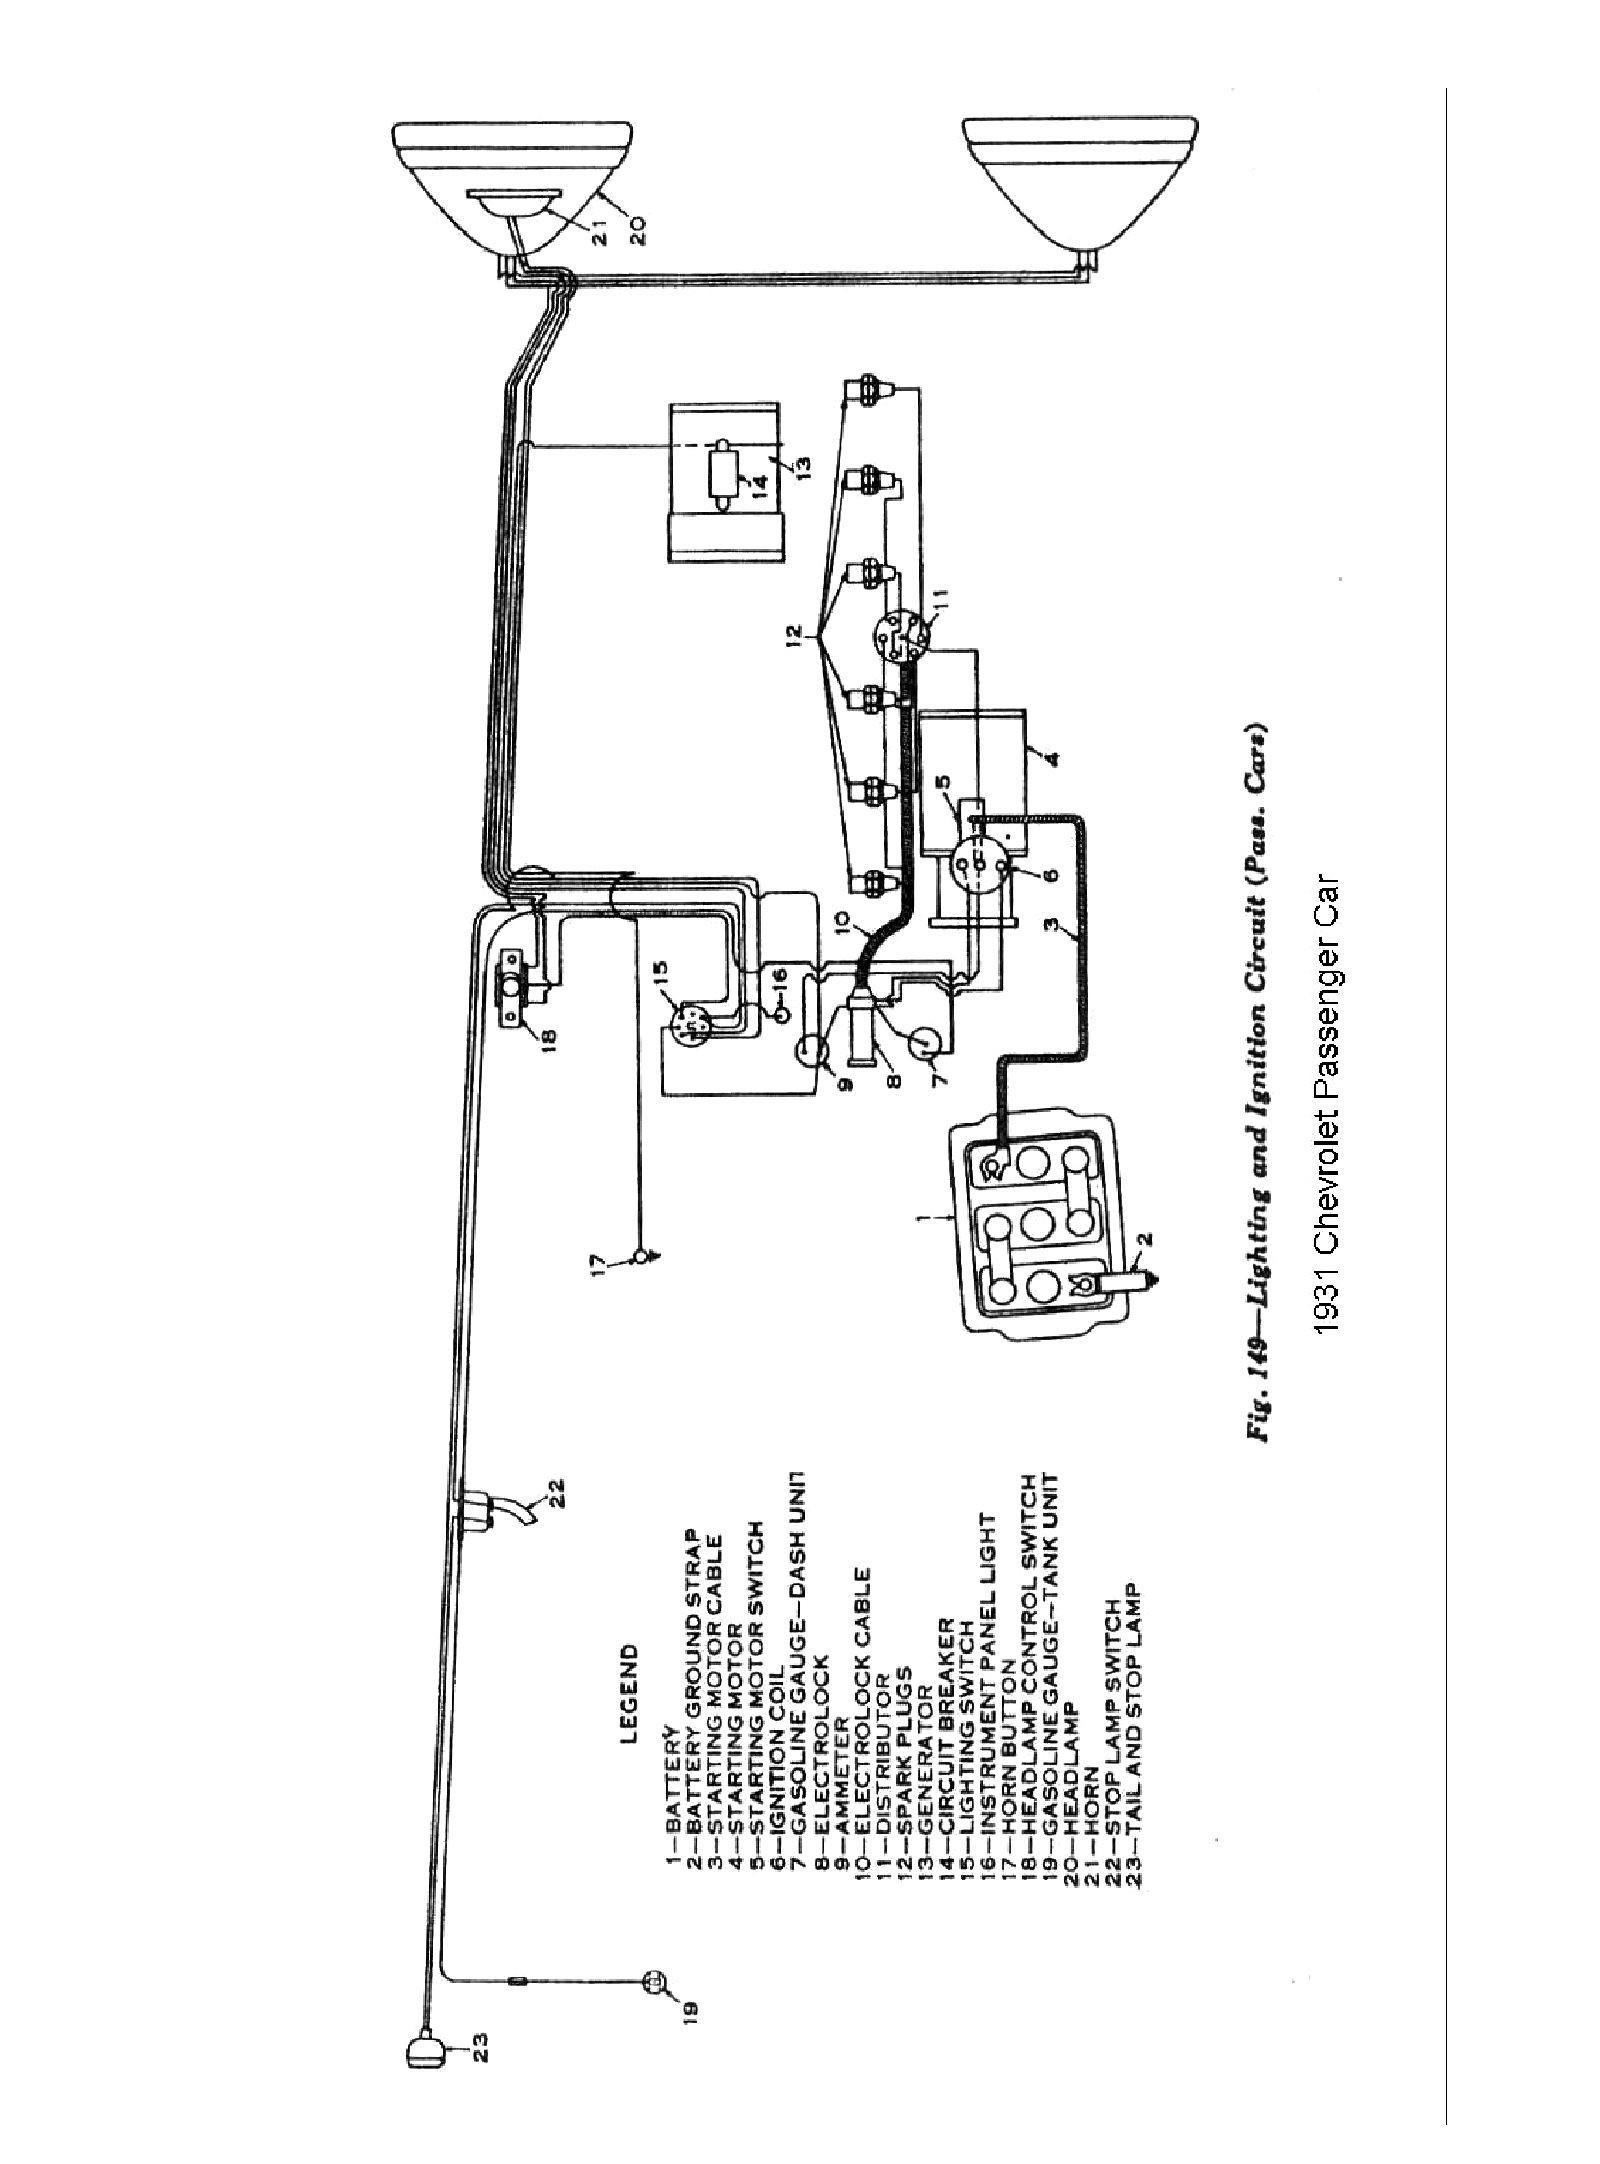 directv genie wiring schematic